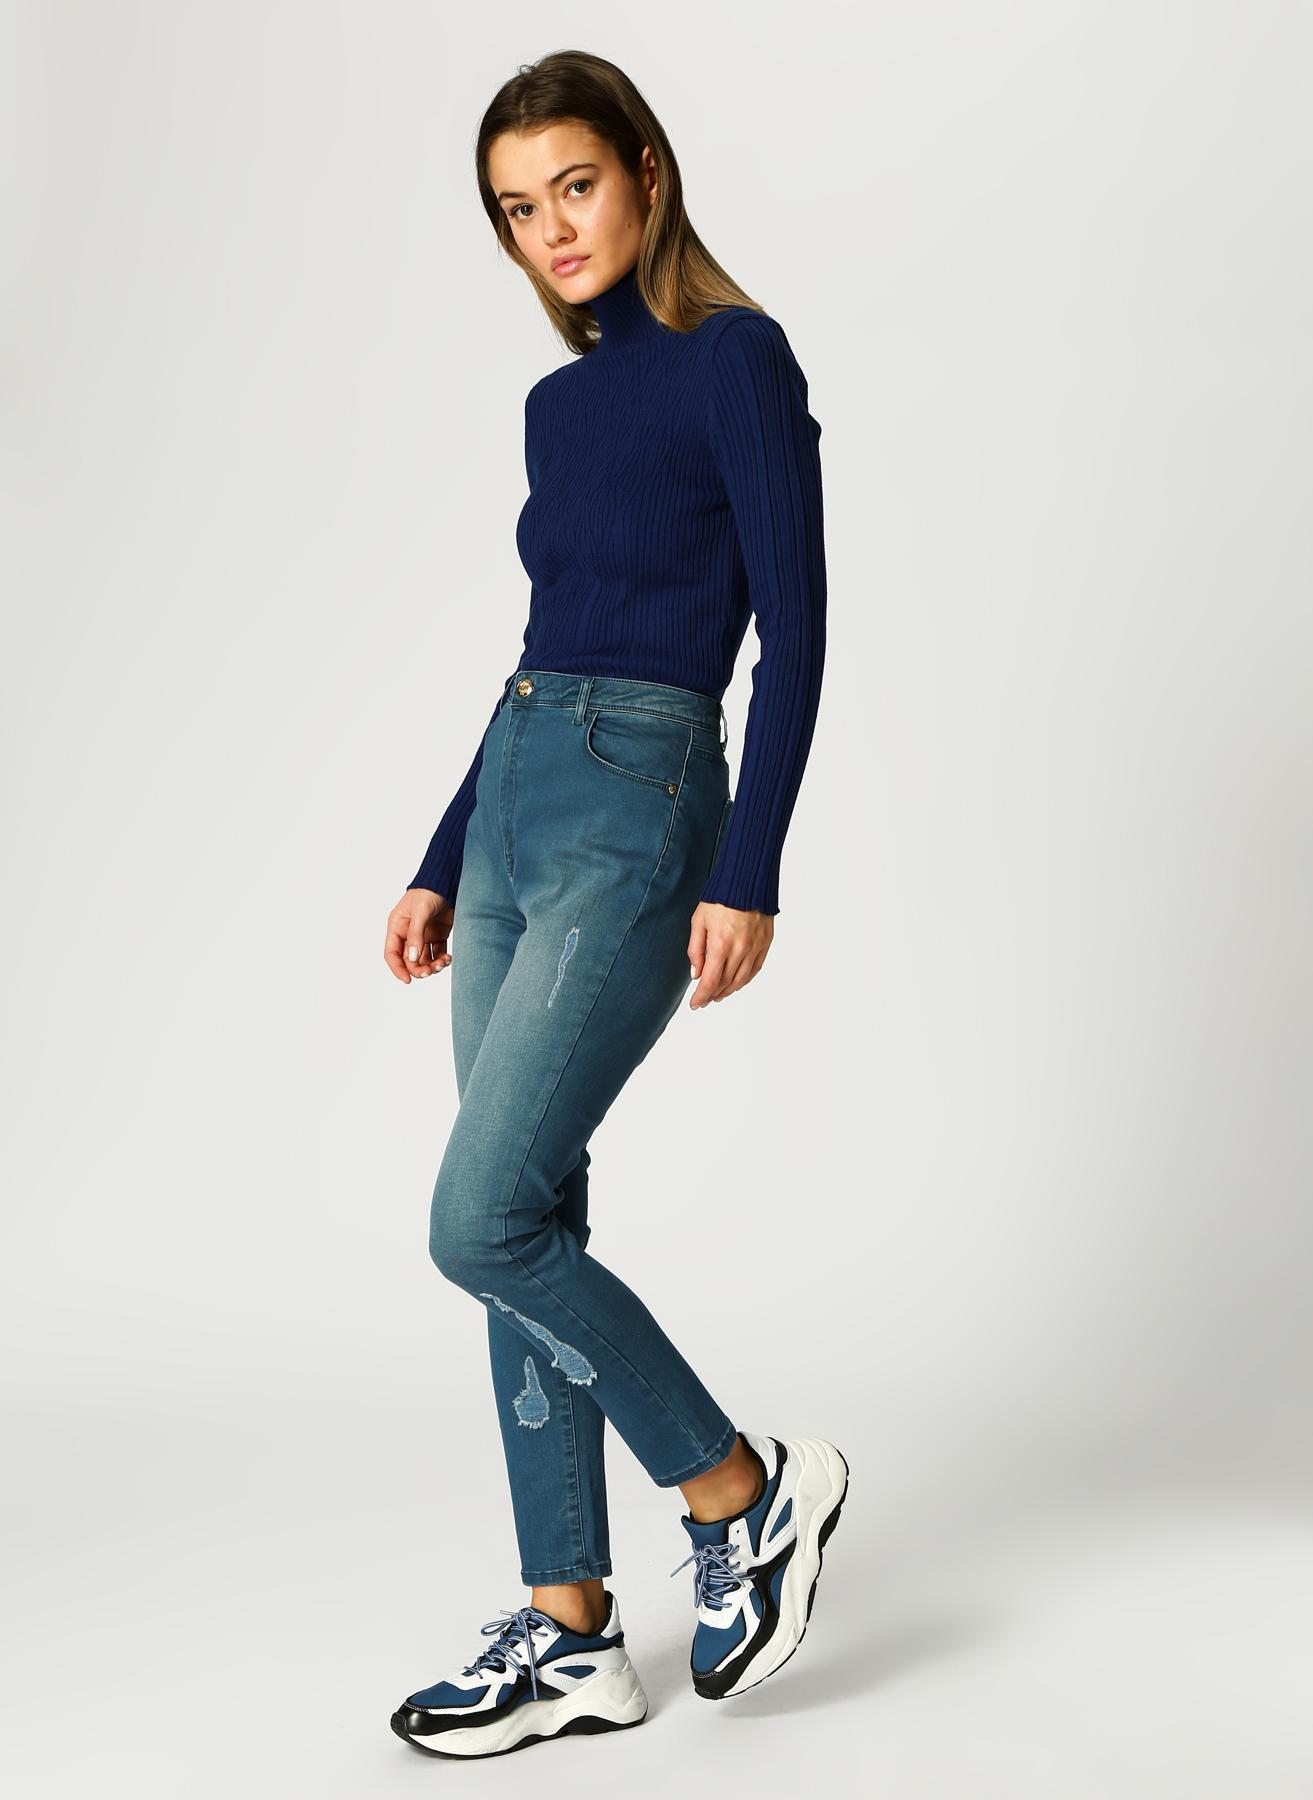 U.S. Polo Assn. Eskitme Tasarımlı İndigo Denim Pantolon 44 5002339022001 Ürün Resmi